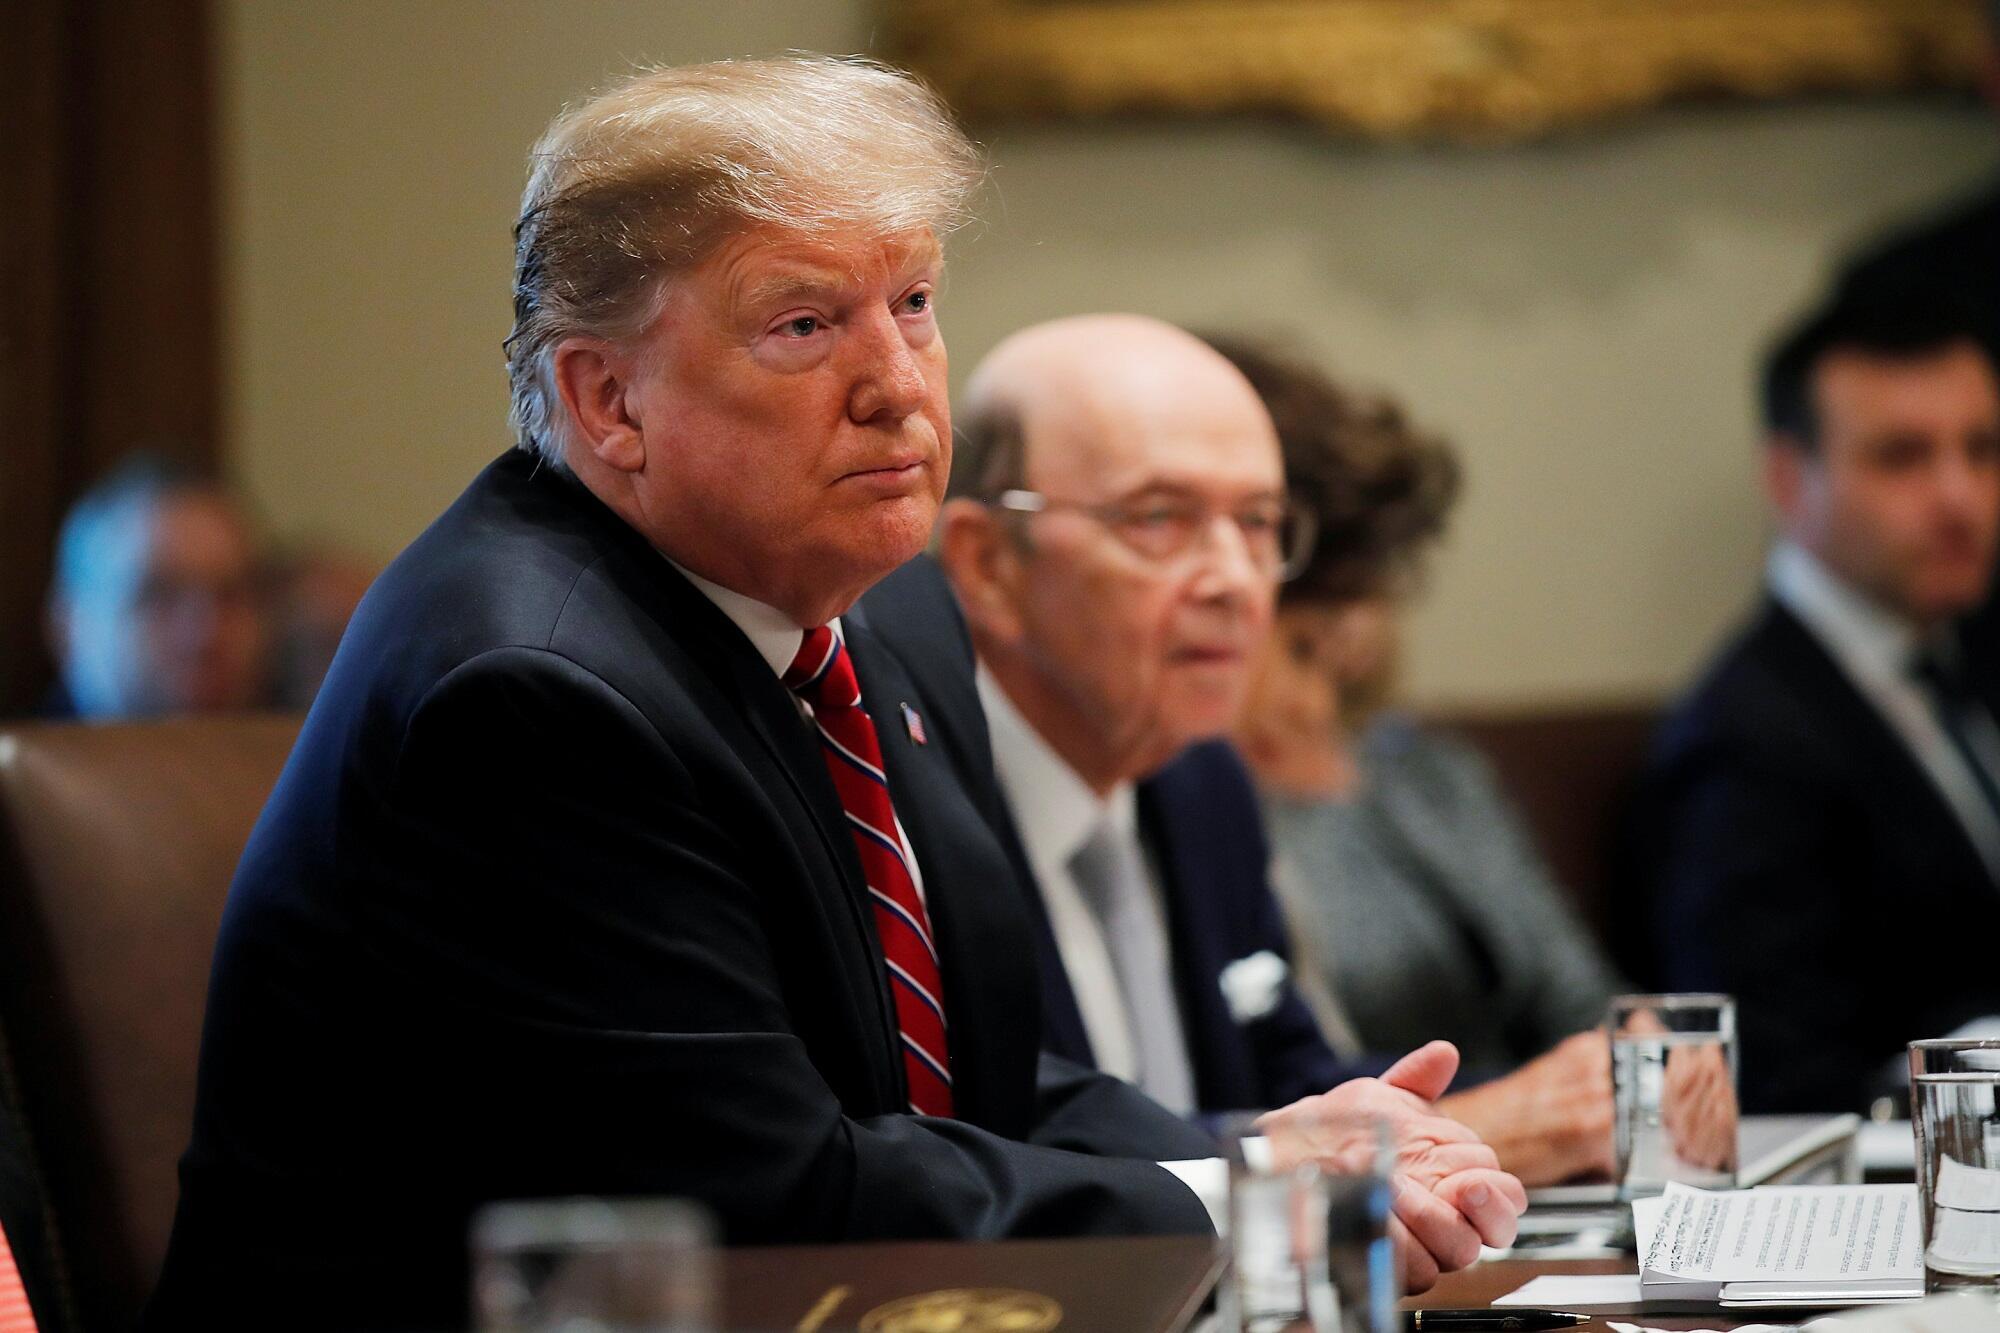 Donald Trump et Wilbur Ross (droite), secrétaire d'État américain au commerce, lors d'une réunion à la Maison Blanche, le 12 février 2019.